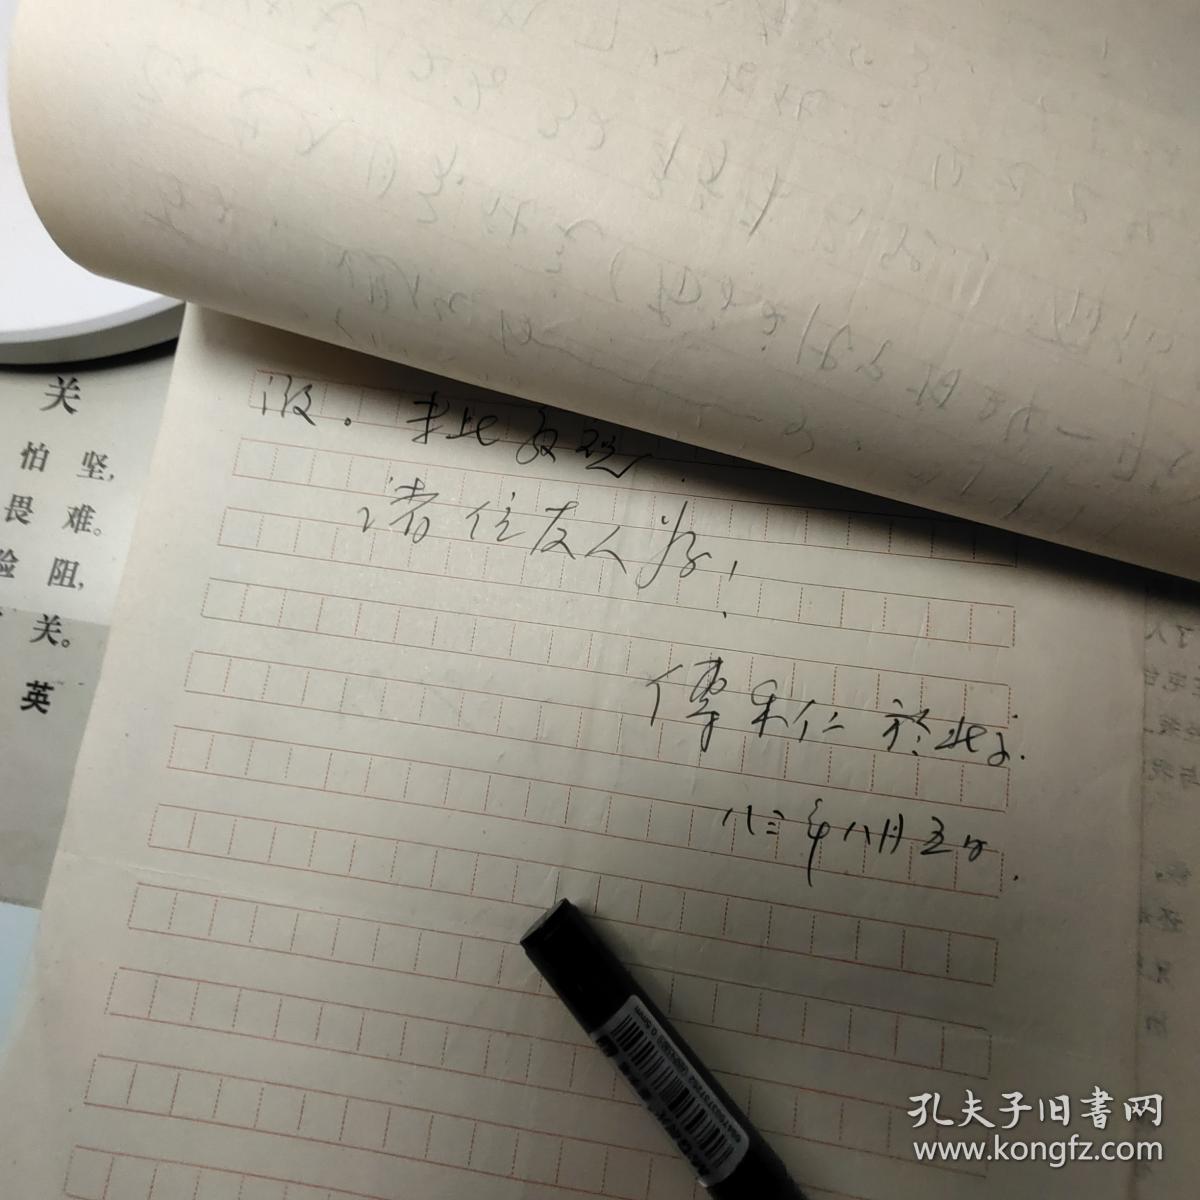 手稿:傅斯年后人傅云衢、1983年.4页、傅斯年(初字梦簪,字孟真,山东聊城人